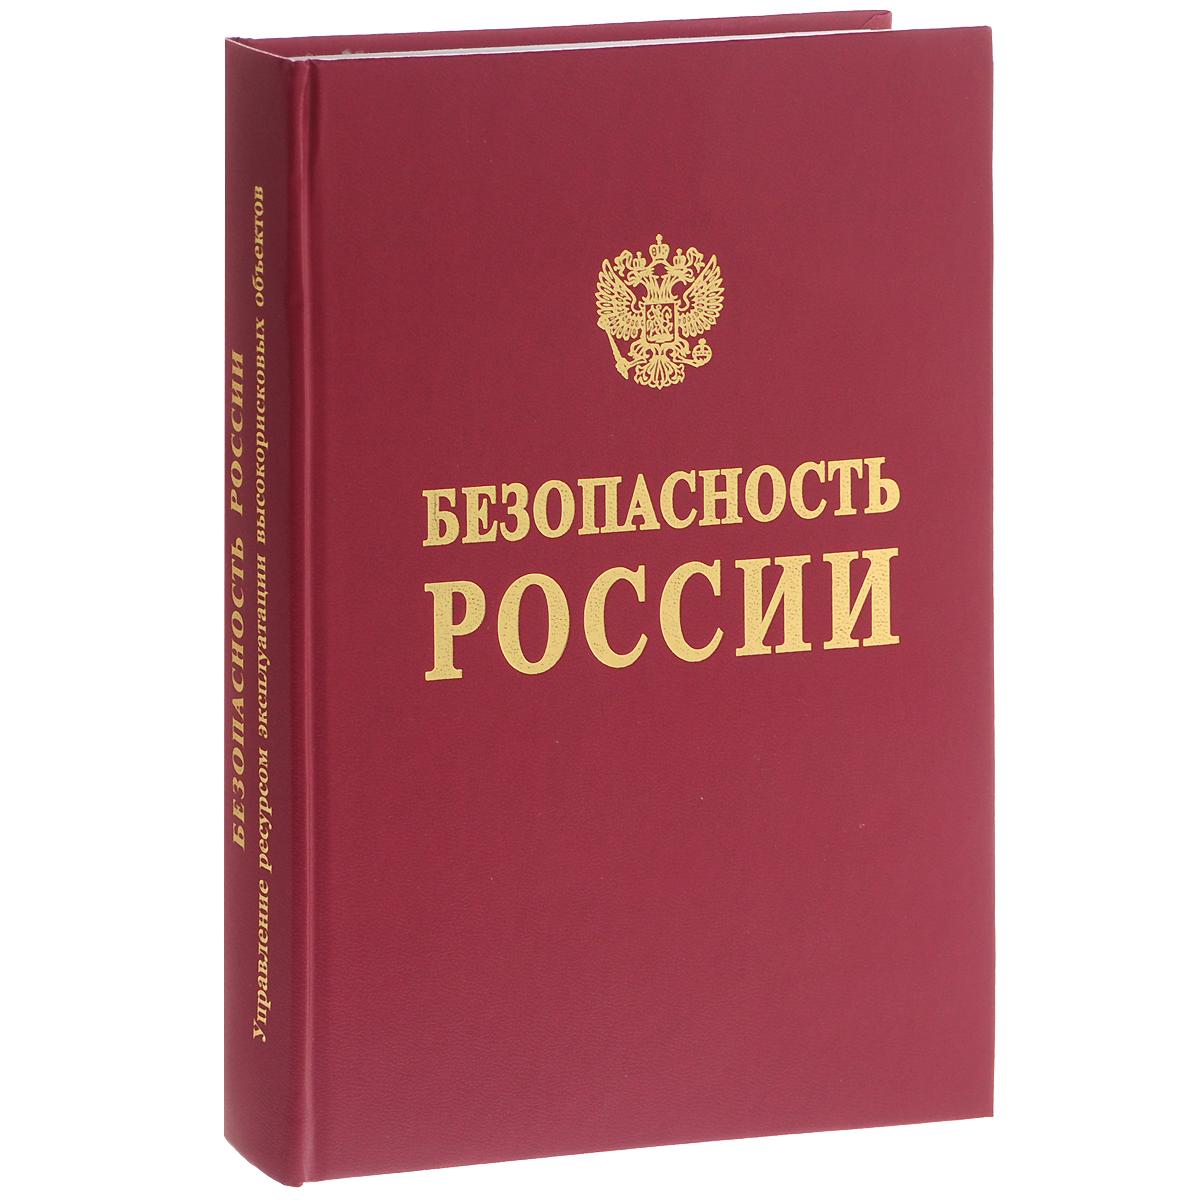 Безопасность России. Правовые, социально-экономические и научно-технические аспекты. Управление ресурсом эксплуатации высокорисковых объектов